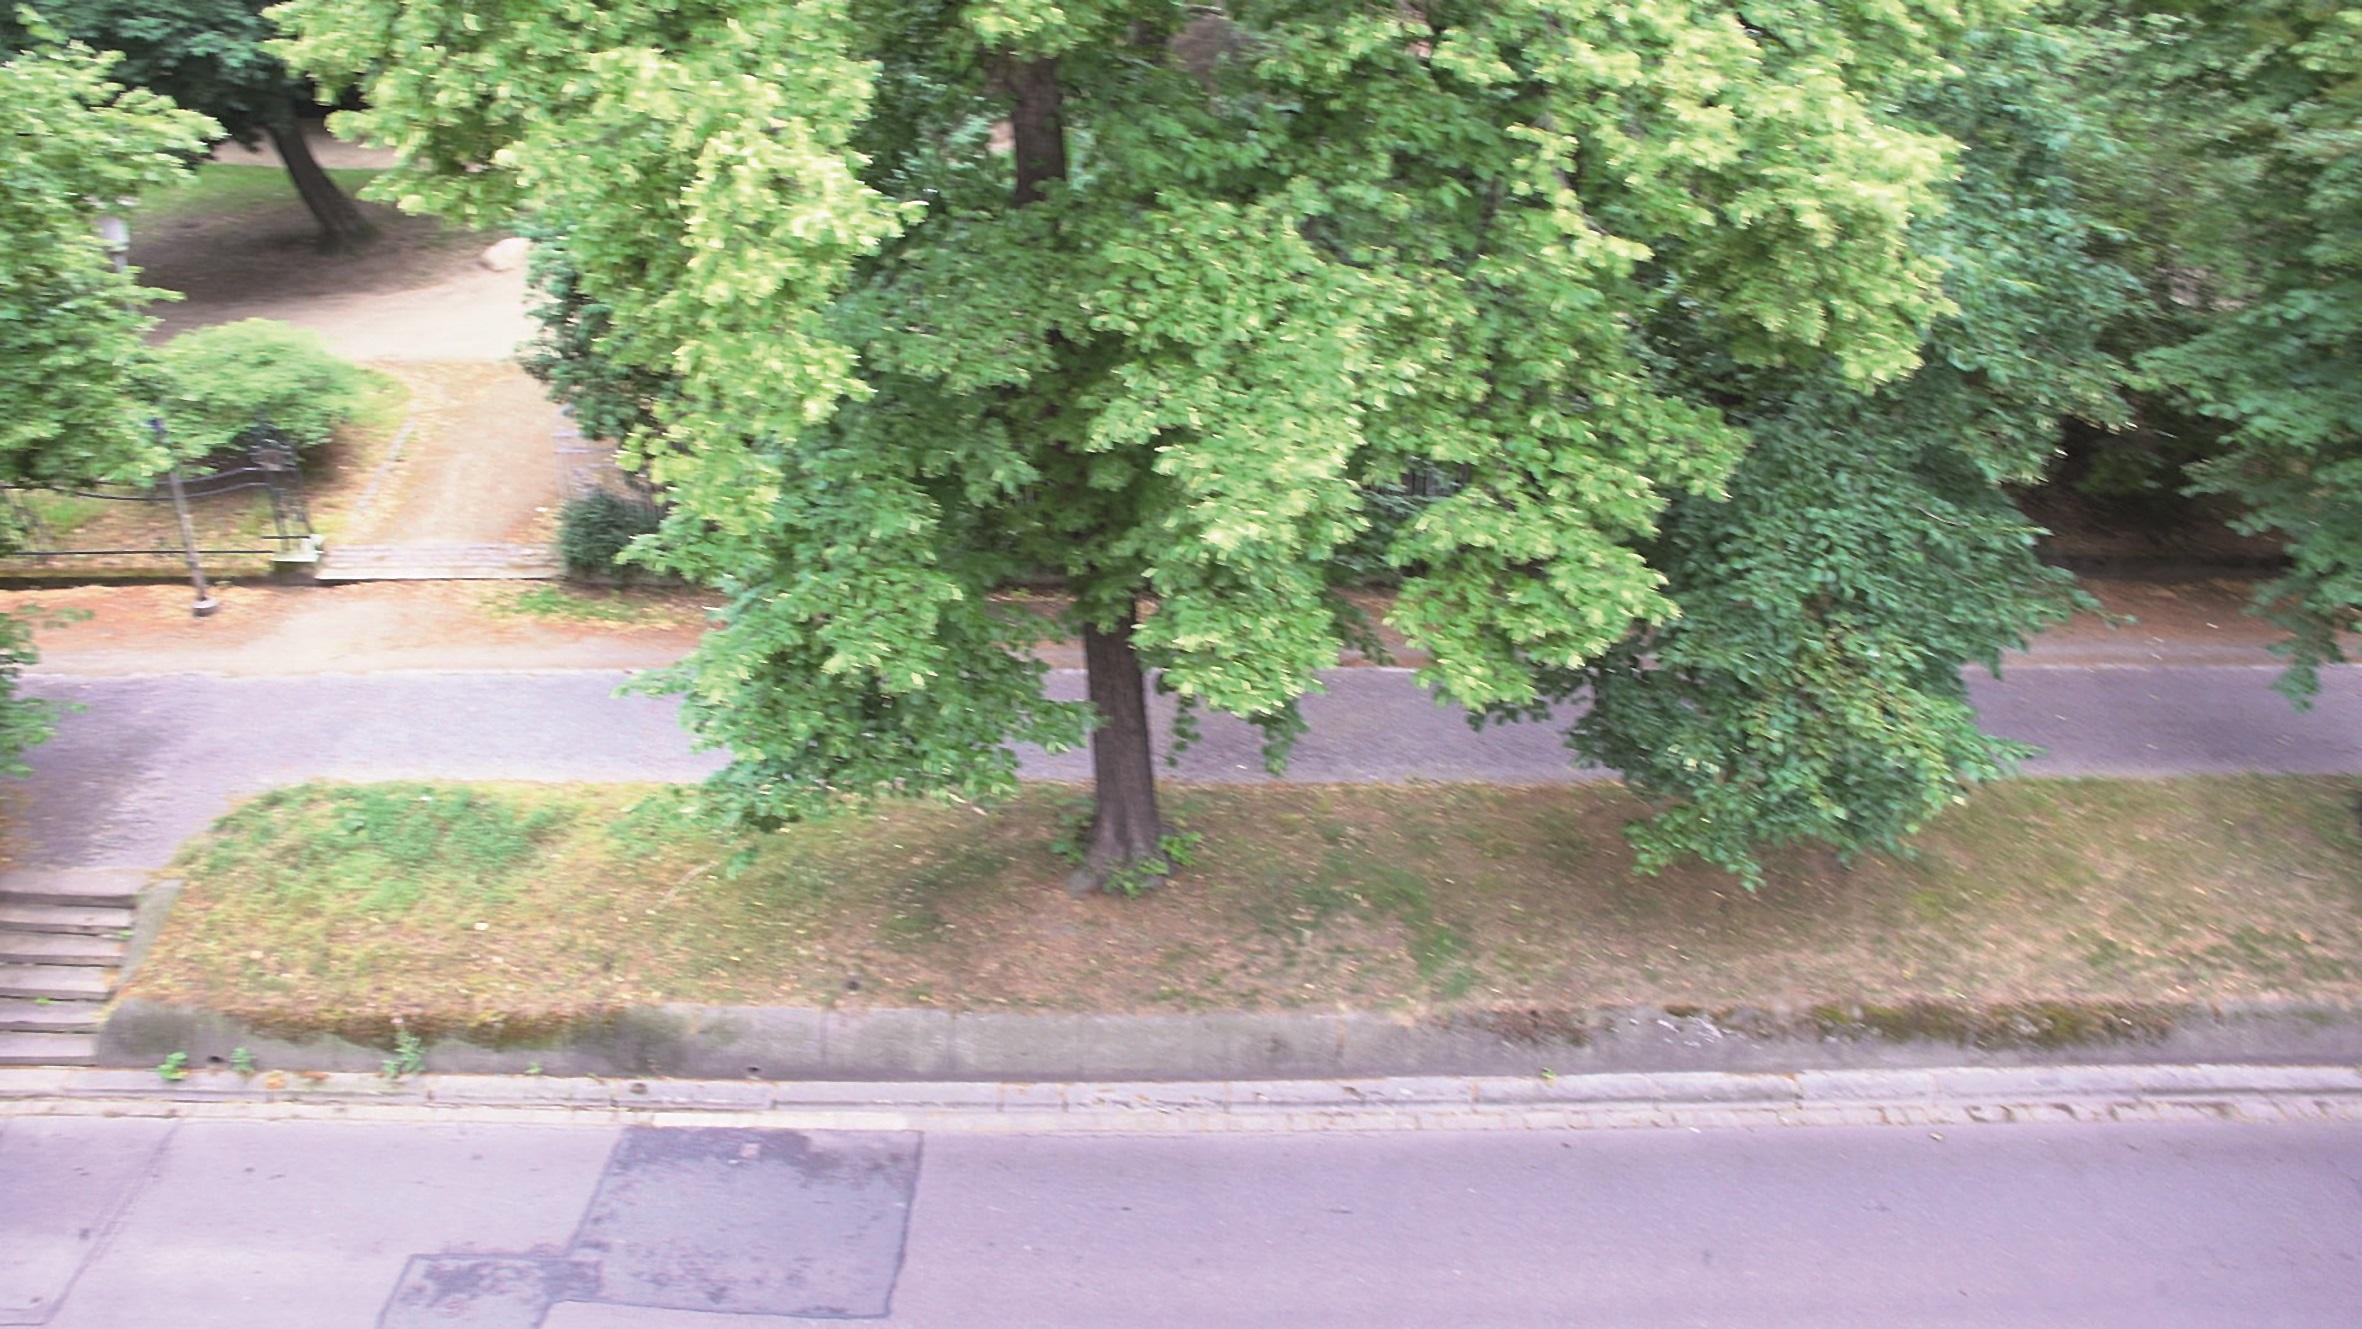 Den Farbstich auf der Straße durch automatische Weißbalance beseitigt EPICOLOR nicht sofort.